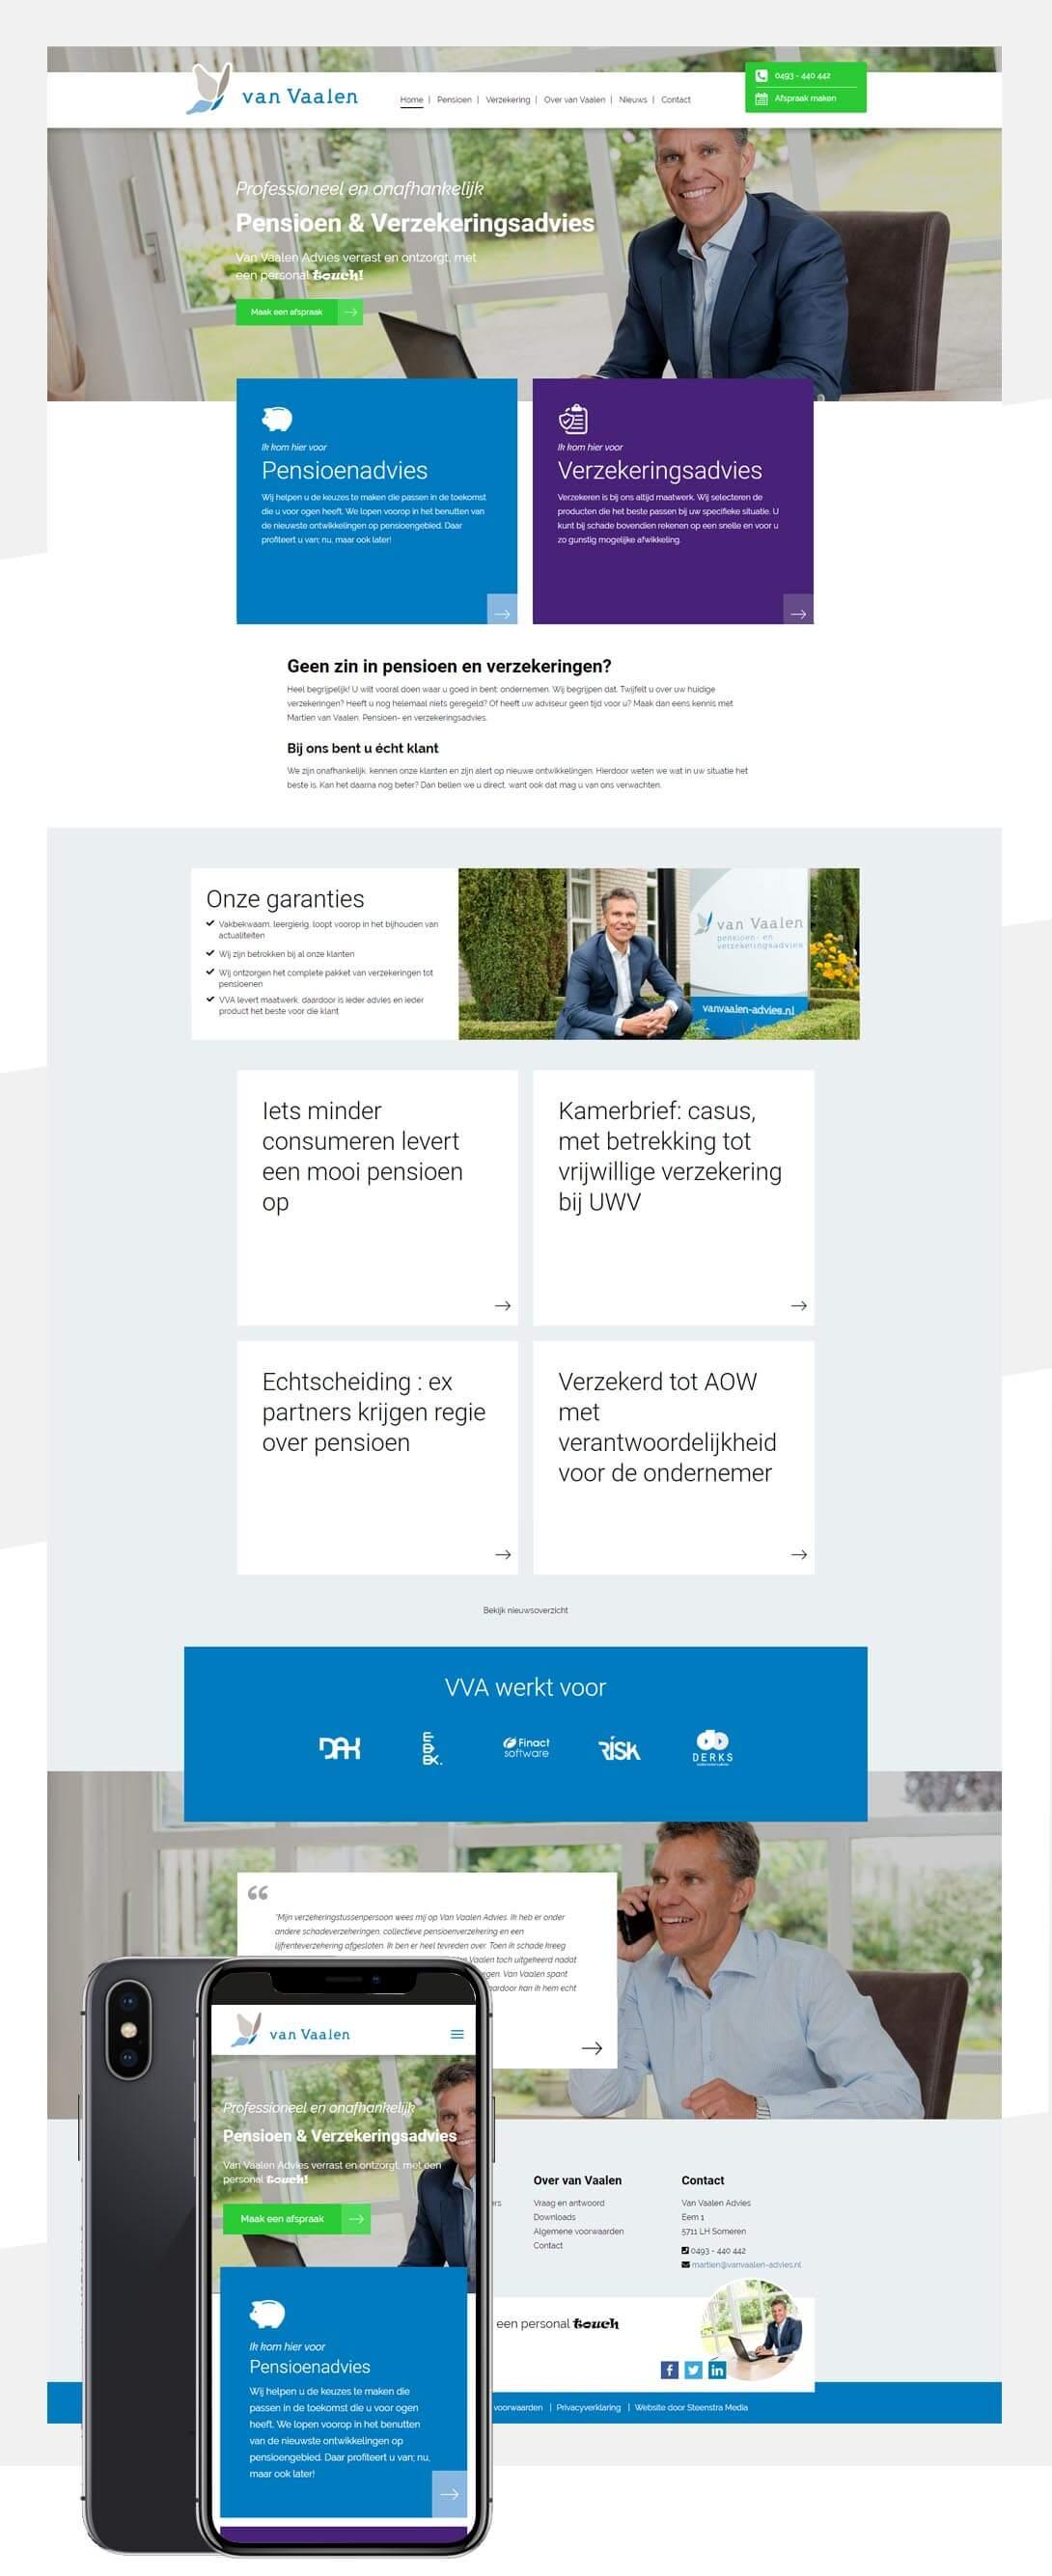 van-vaalen-advies-website-laten-maken-someren-steenstramedia-def